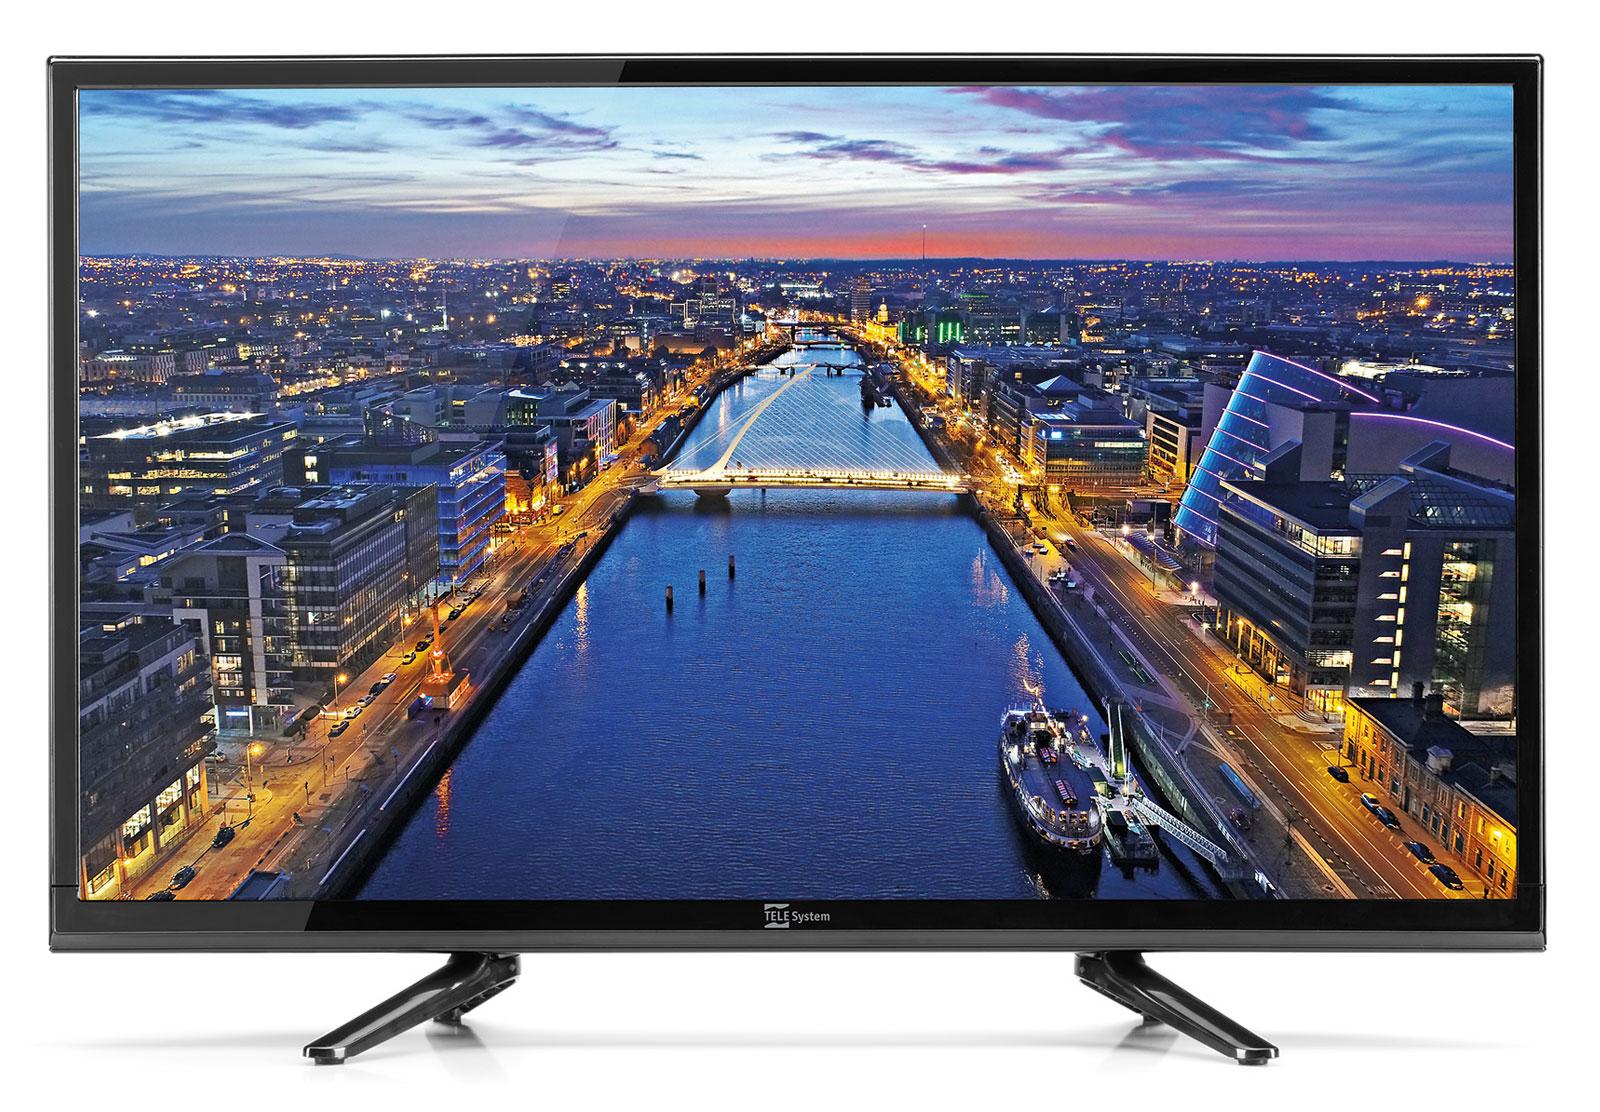 Super economico TV LED smart Telesystem TS24LS09 da Trony: in offerta a 129 euro